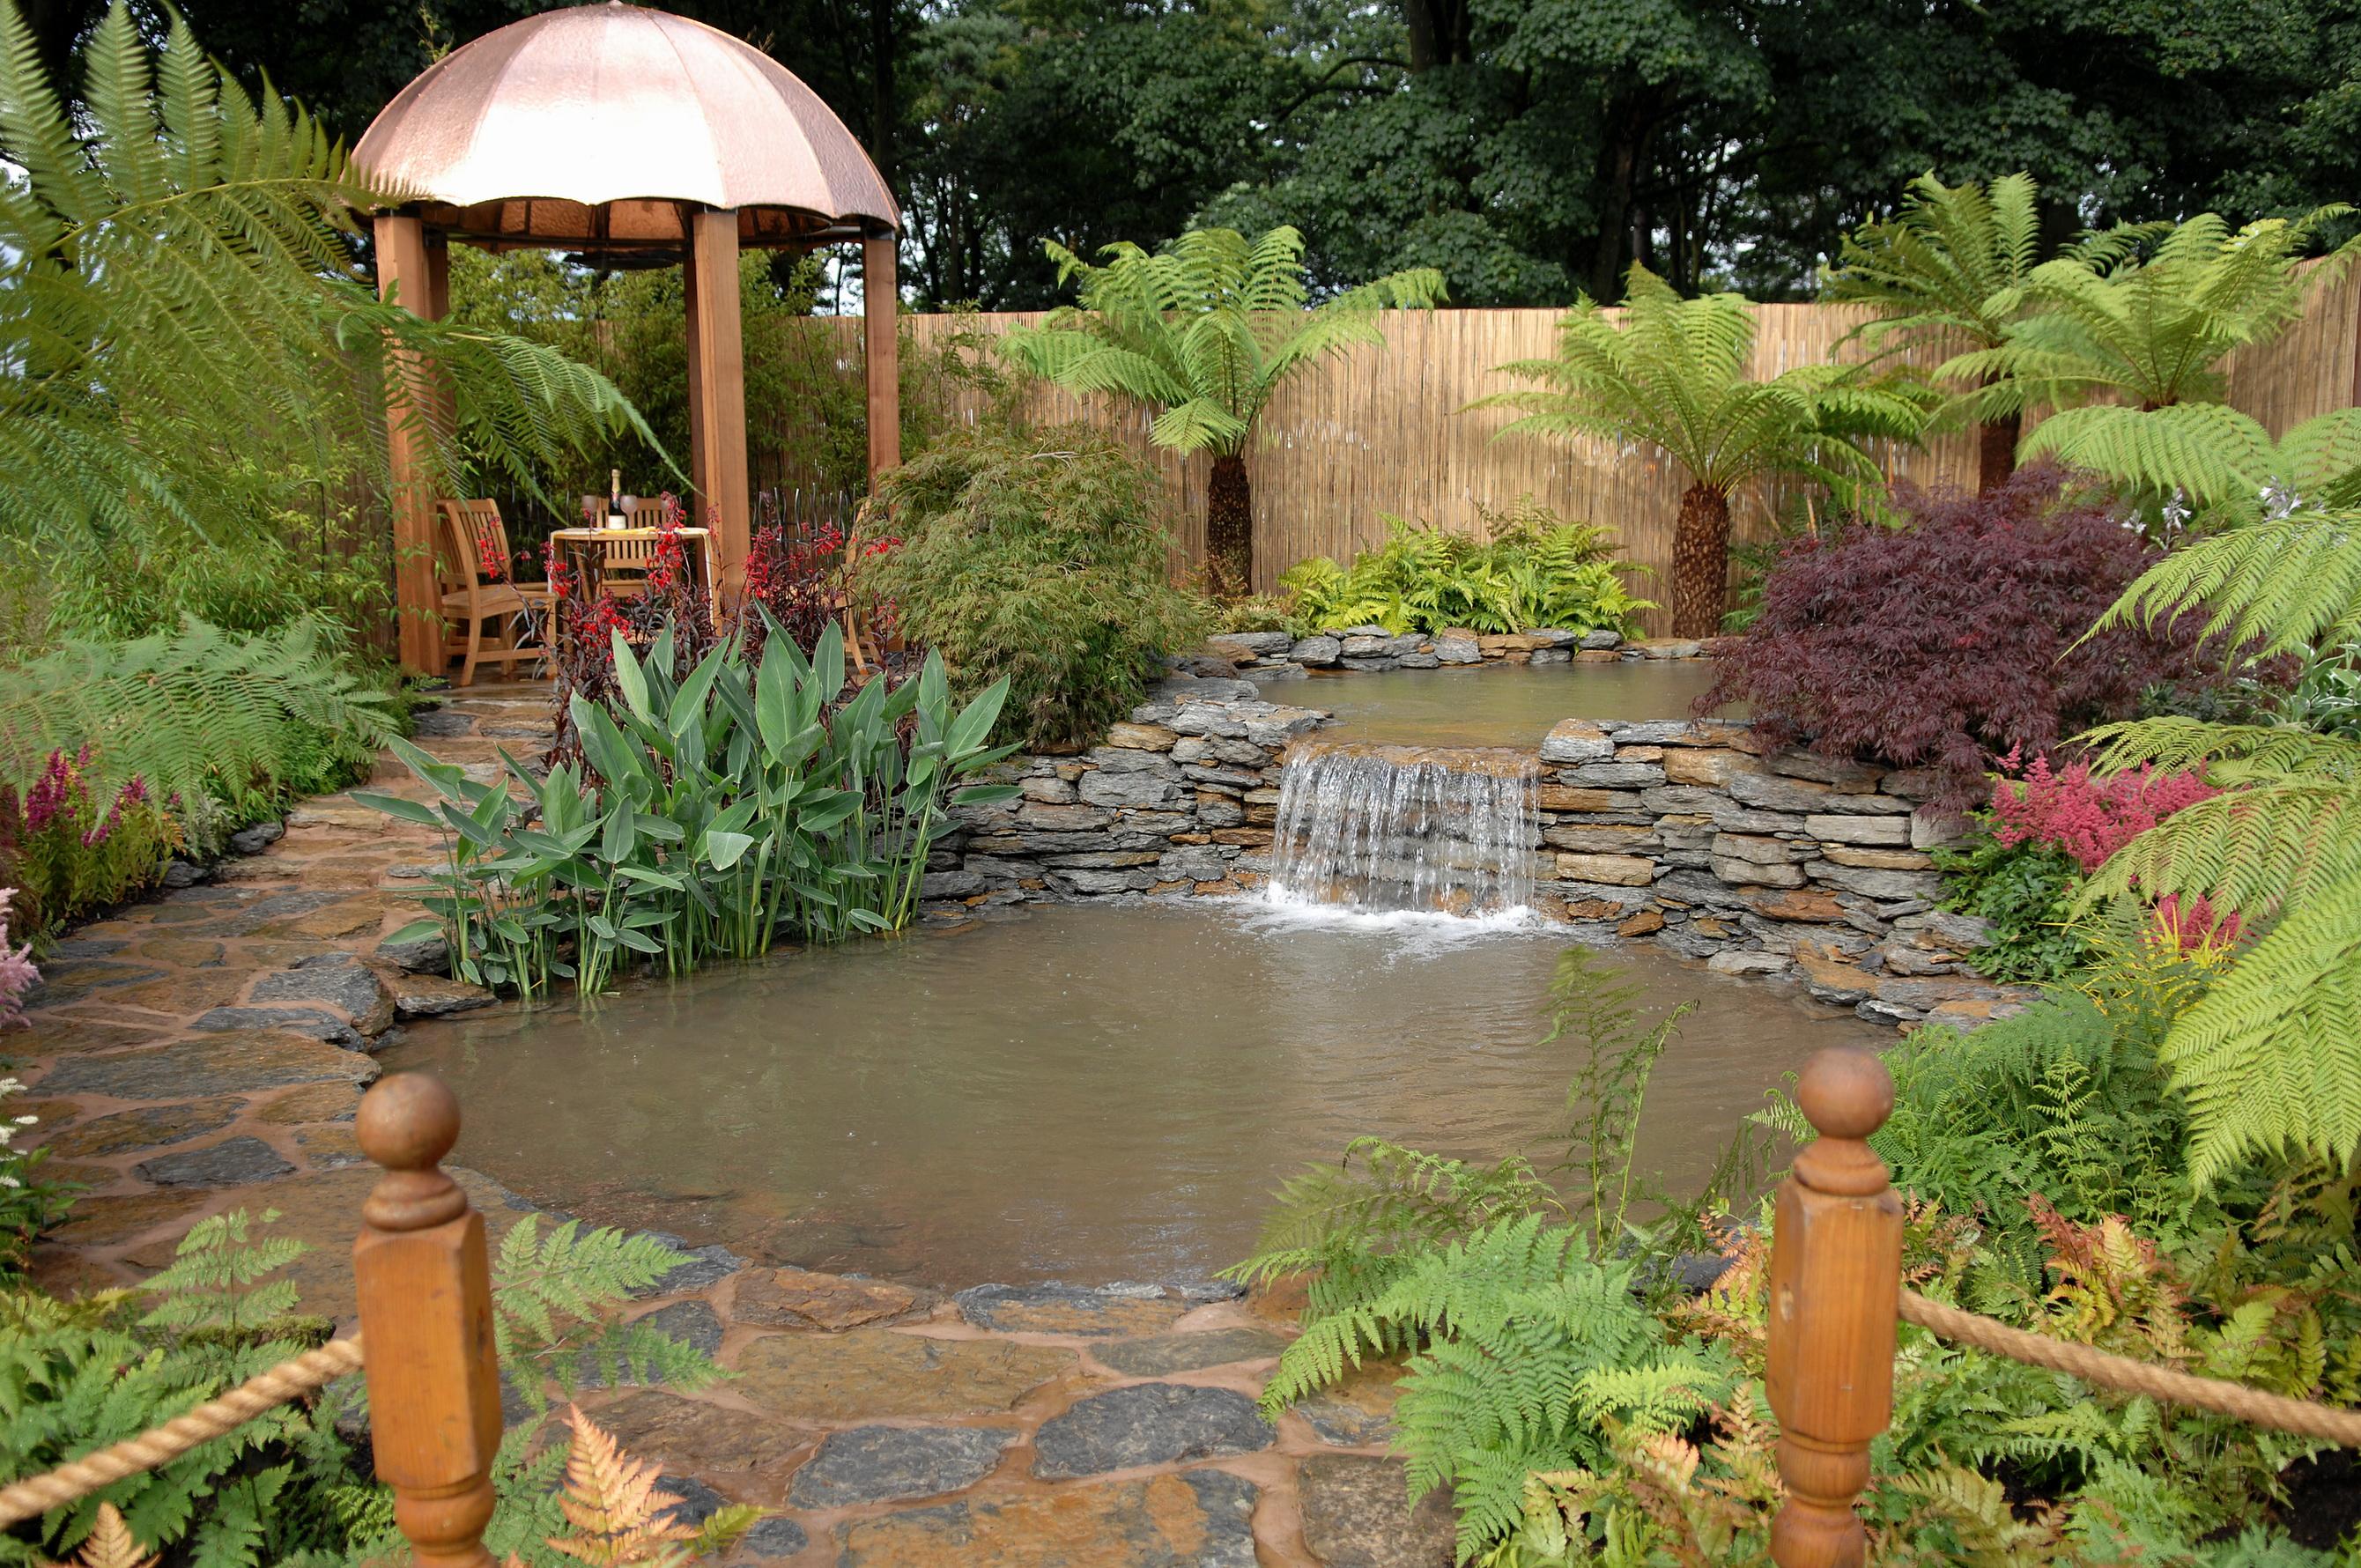 Домик сад камушки ручей скачать